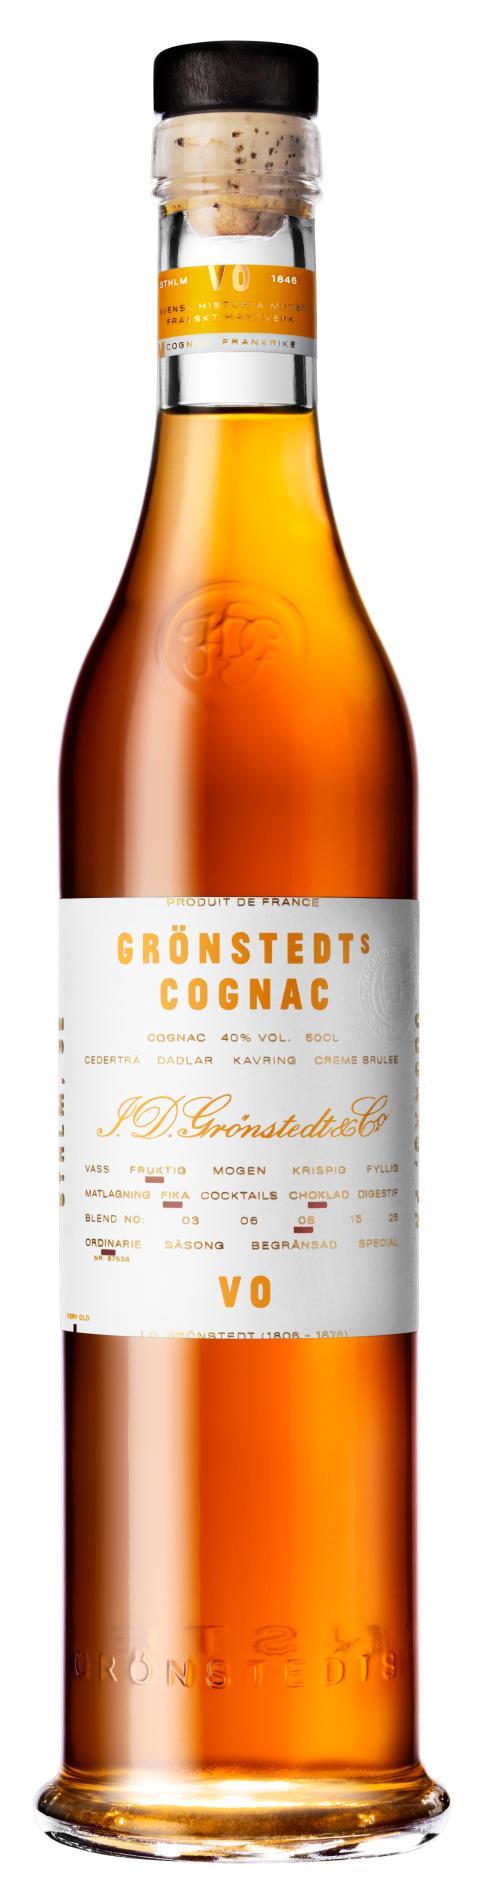 Grönstedts Cognac VO